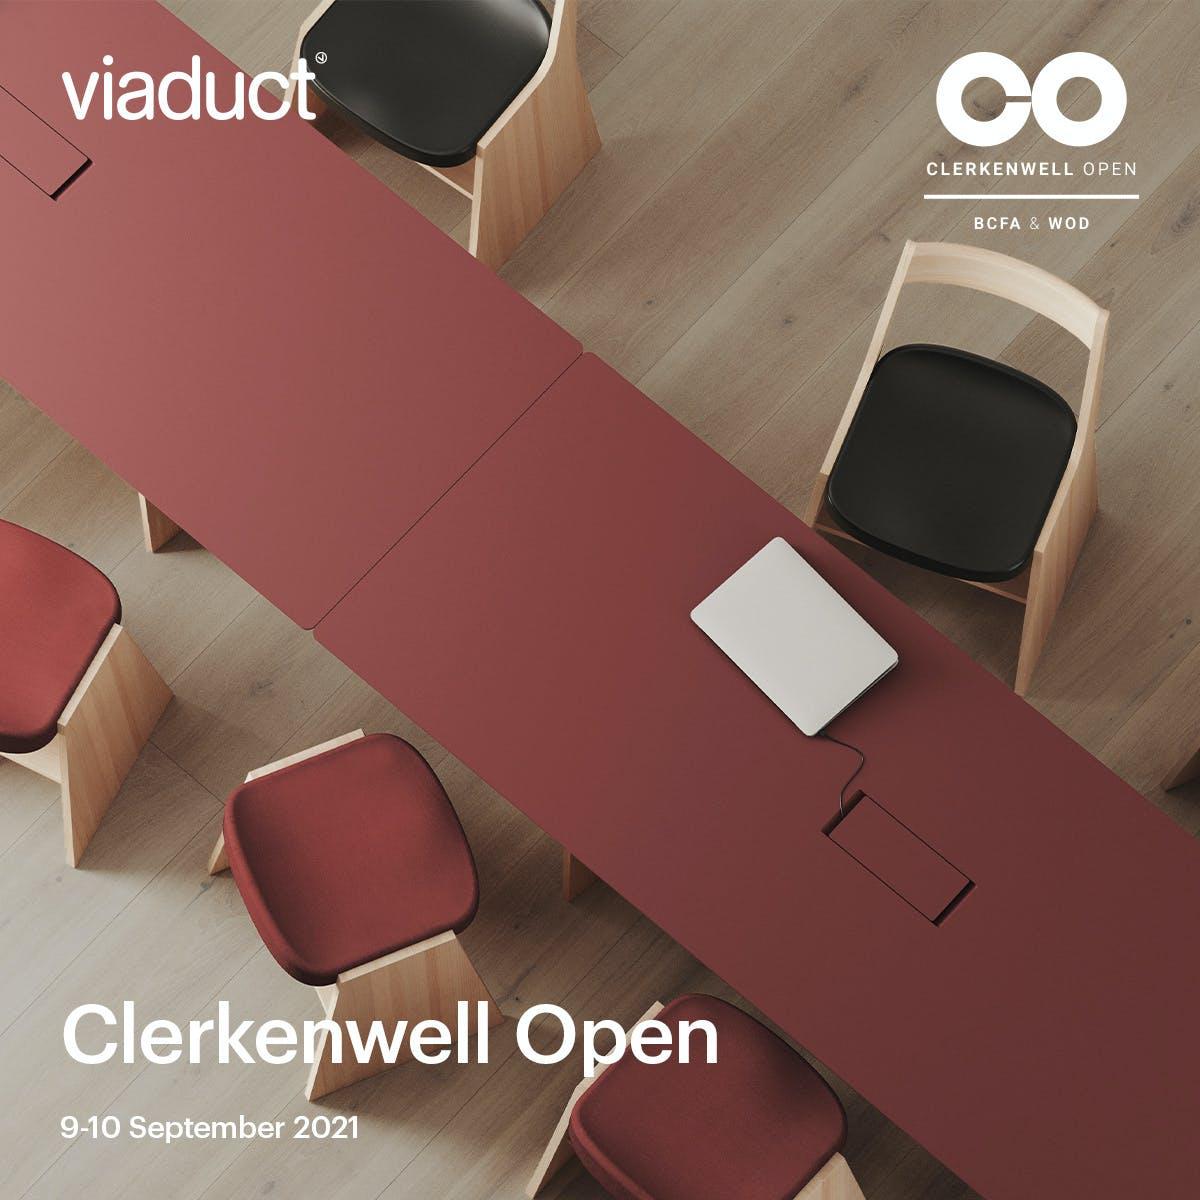 Linkedin clerkenwell open left align 2 image